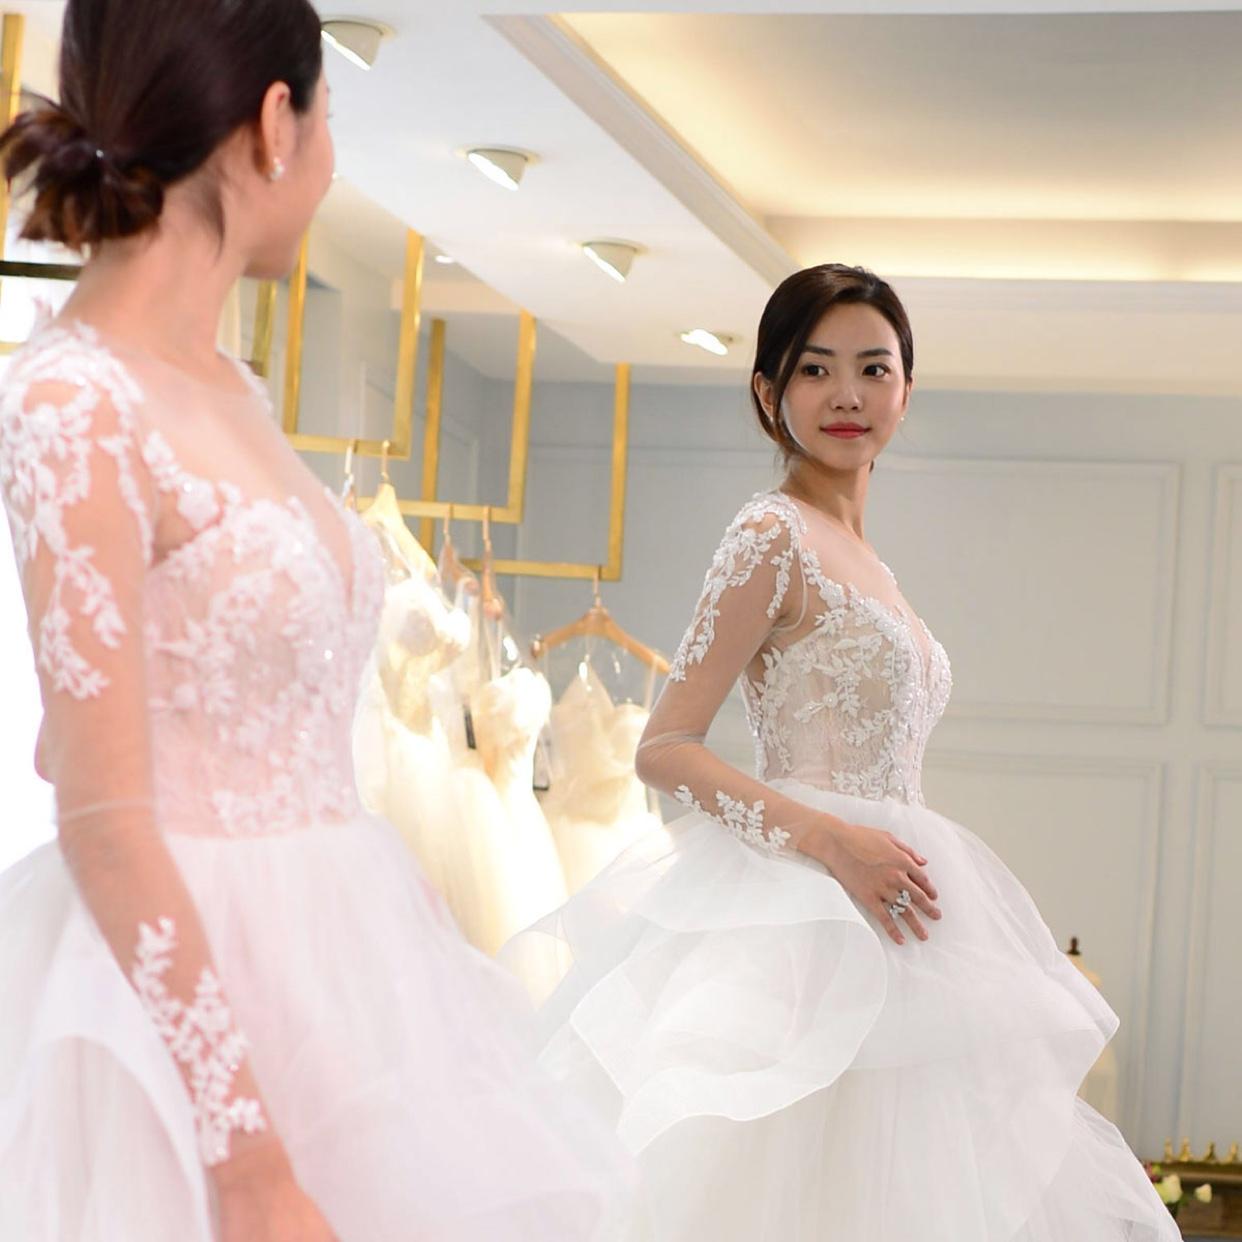 每件婚纱背后,都有着一段美丽的故事